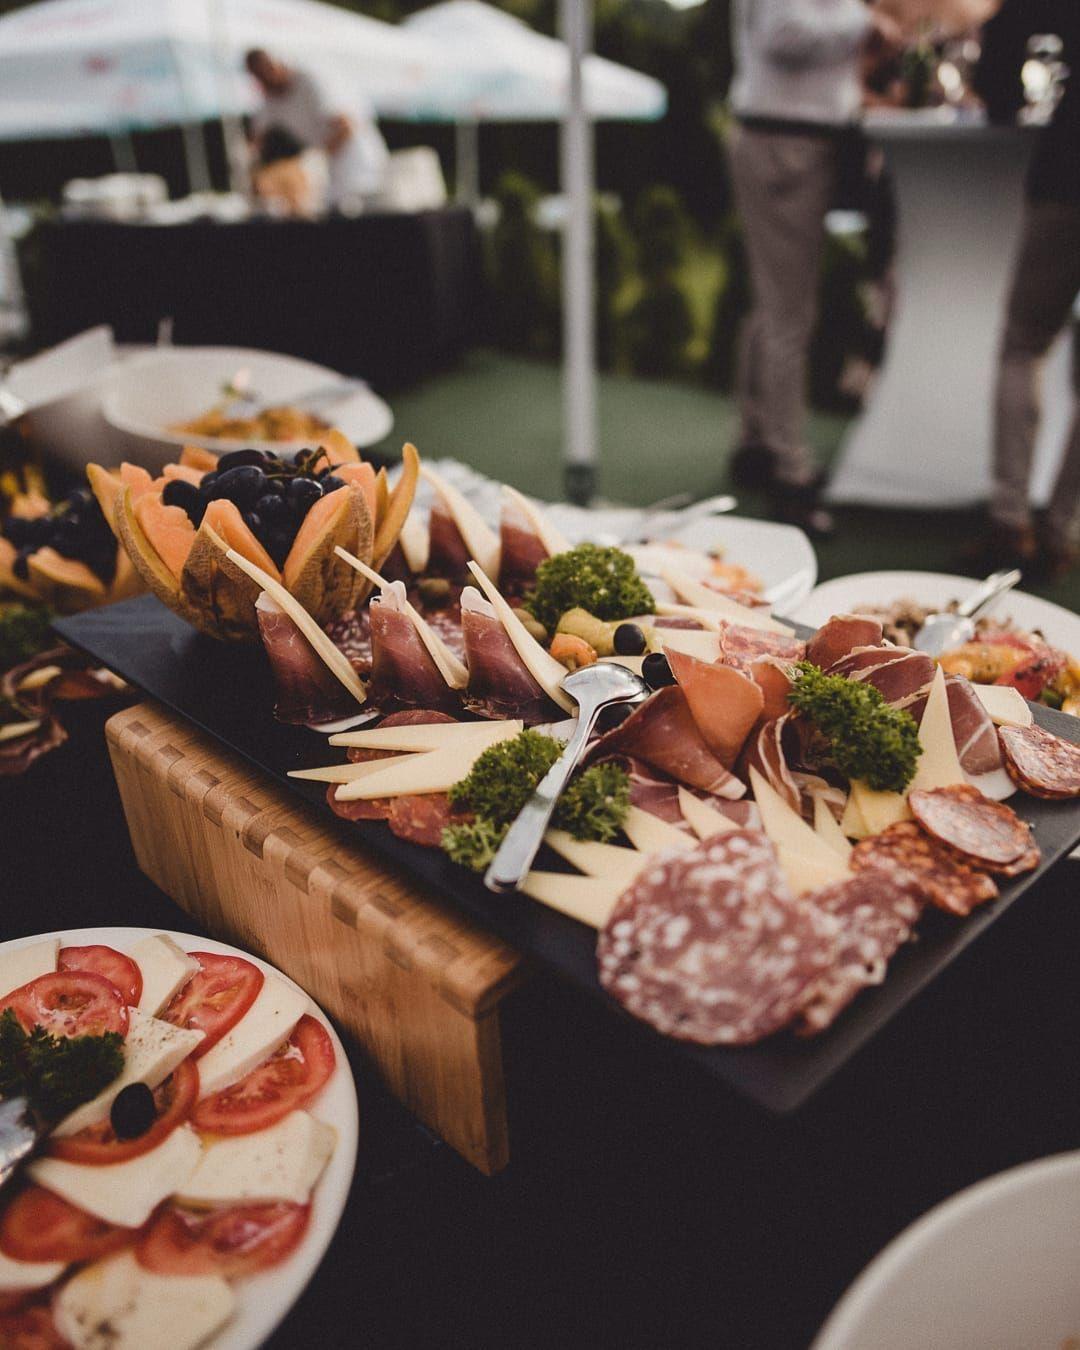 Na Imanju Marincel Ceka Vas Spoj Modernih I Tradicionalnih Kulinarskih Utjecaja U Kojima Cete Zasigurno Uzivati U Food Takeout Container Wedding Planner